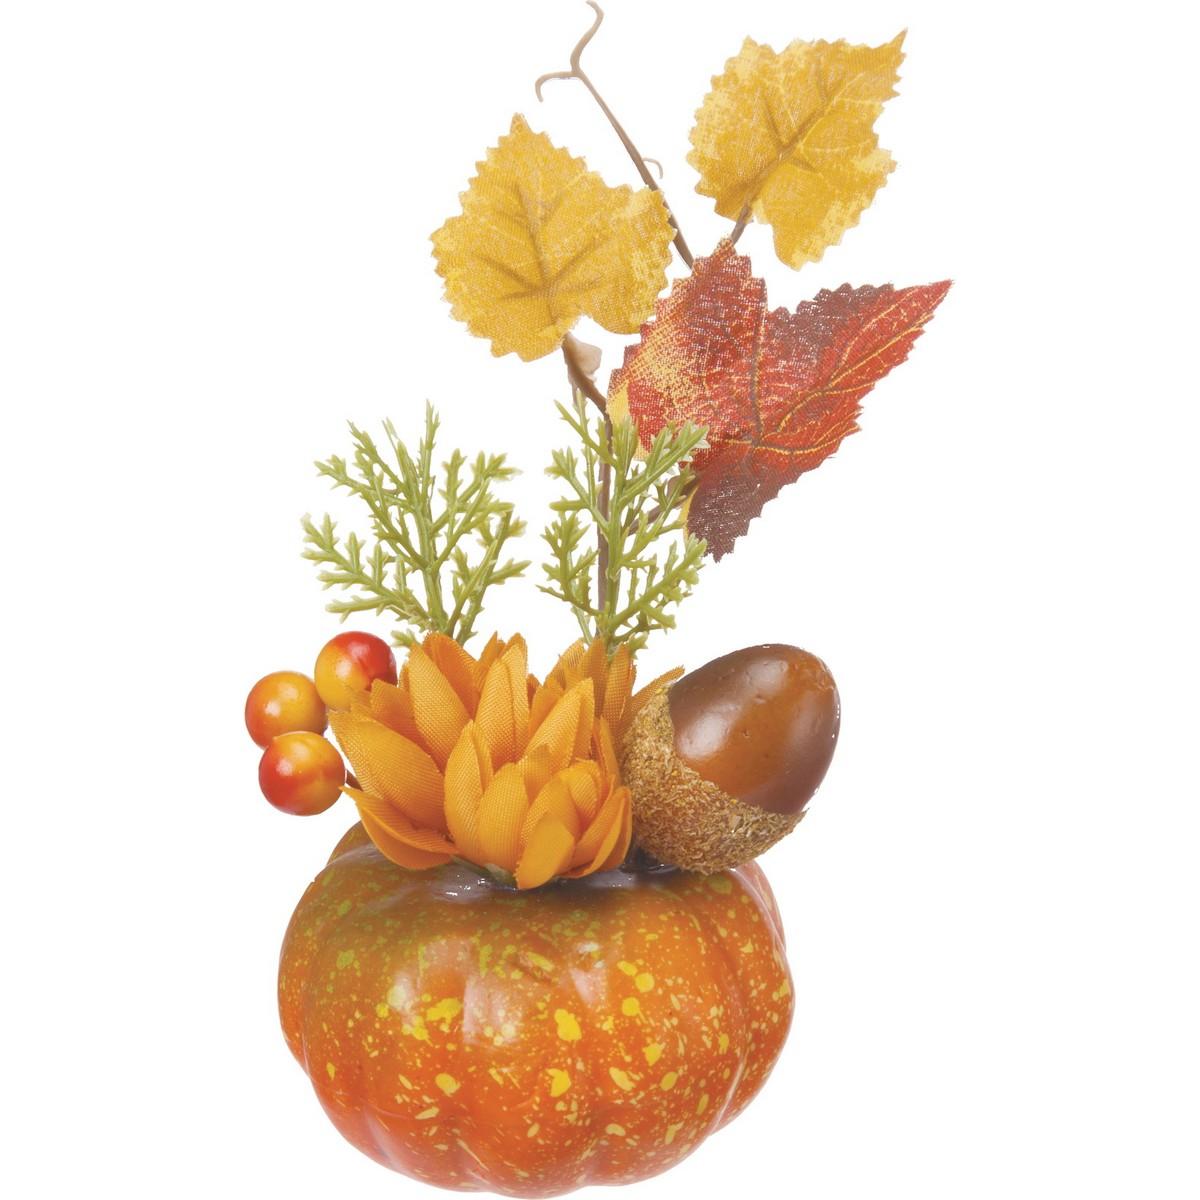 【造花】YDM/パンプキンマムミックスアレンジ/HW-1430【01】【取寄】《 店舗ディスプレイ ハロウィン飾り・オーナメント ハロウィンオブジェ 》